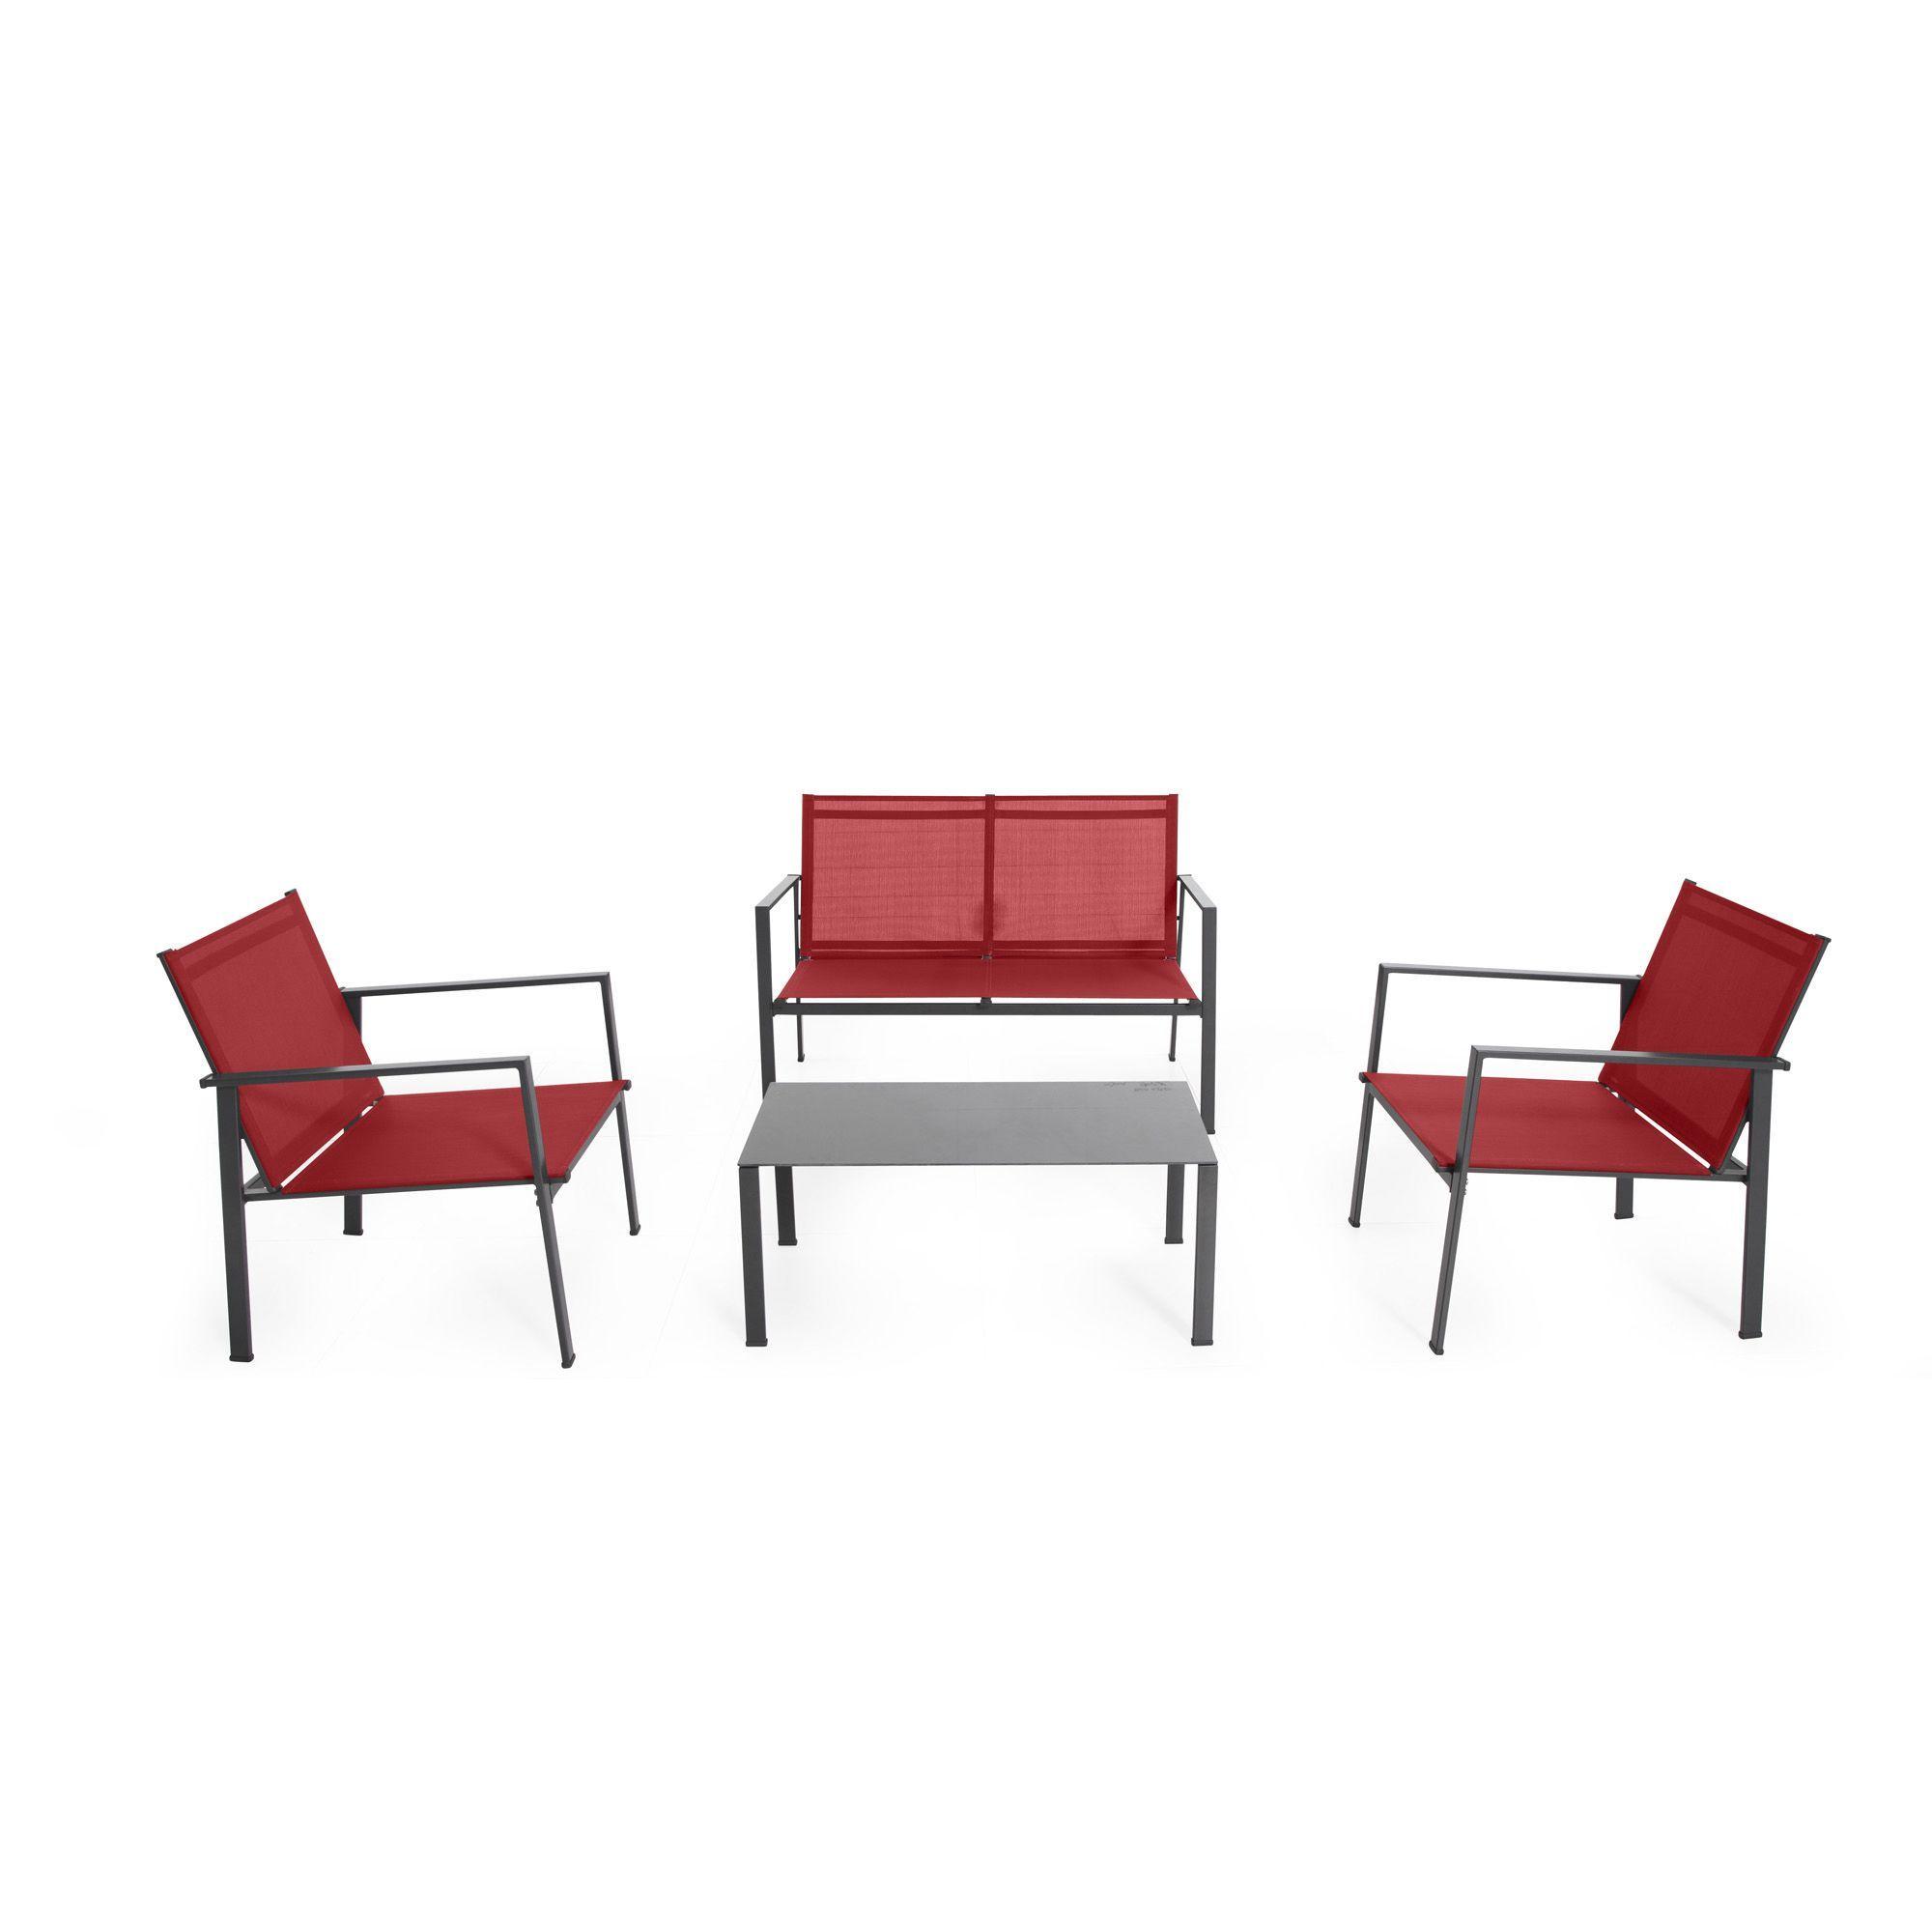 Salon de jardin 4 éléments Rouge - Sofia - Les canapés et fauteuils ...